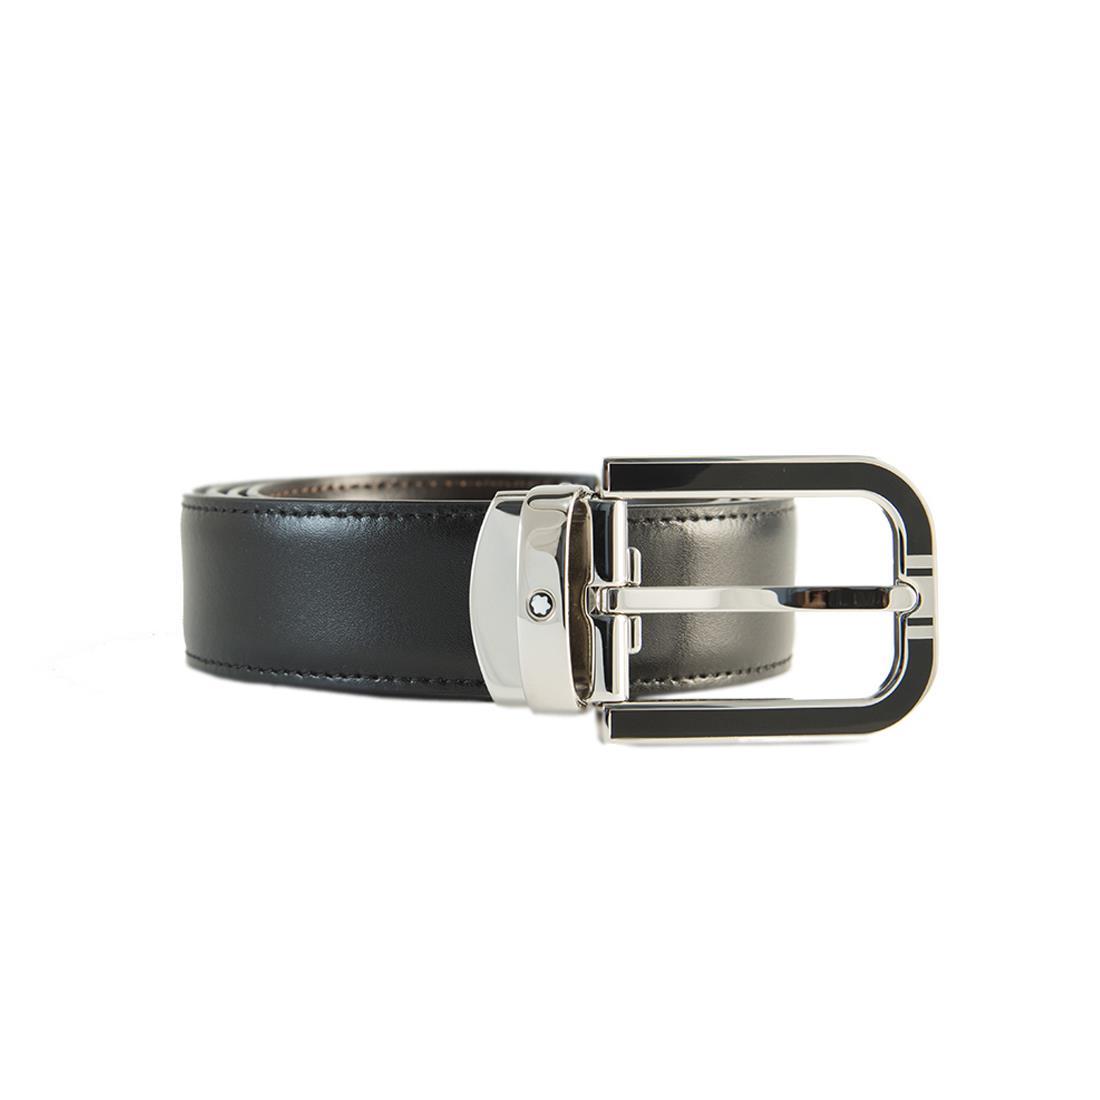 Cintura Montblanc Classic line  - MONTBLANC